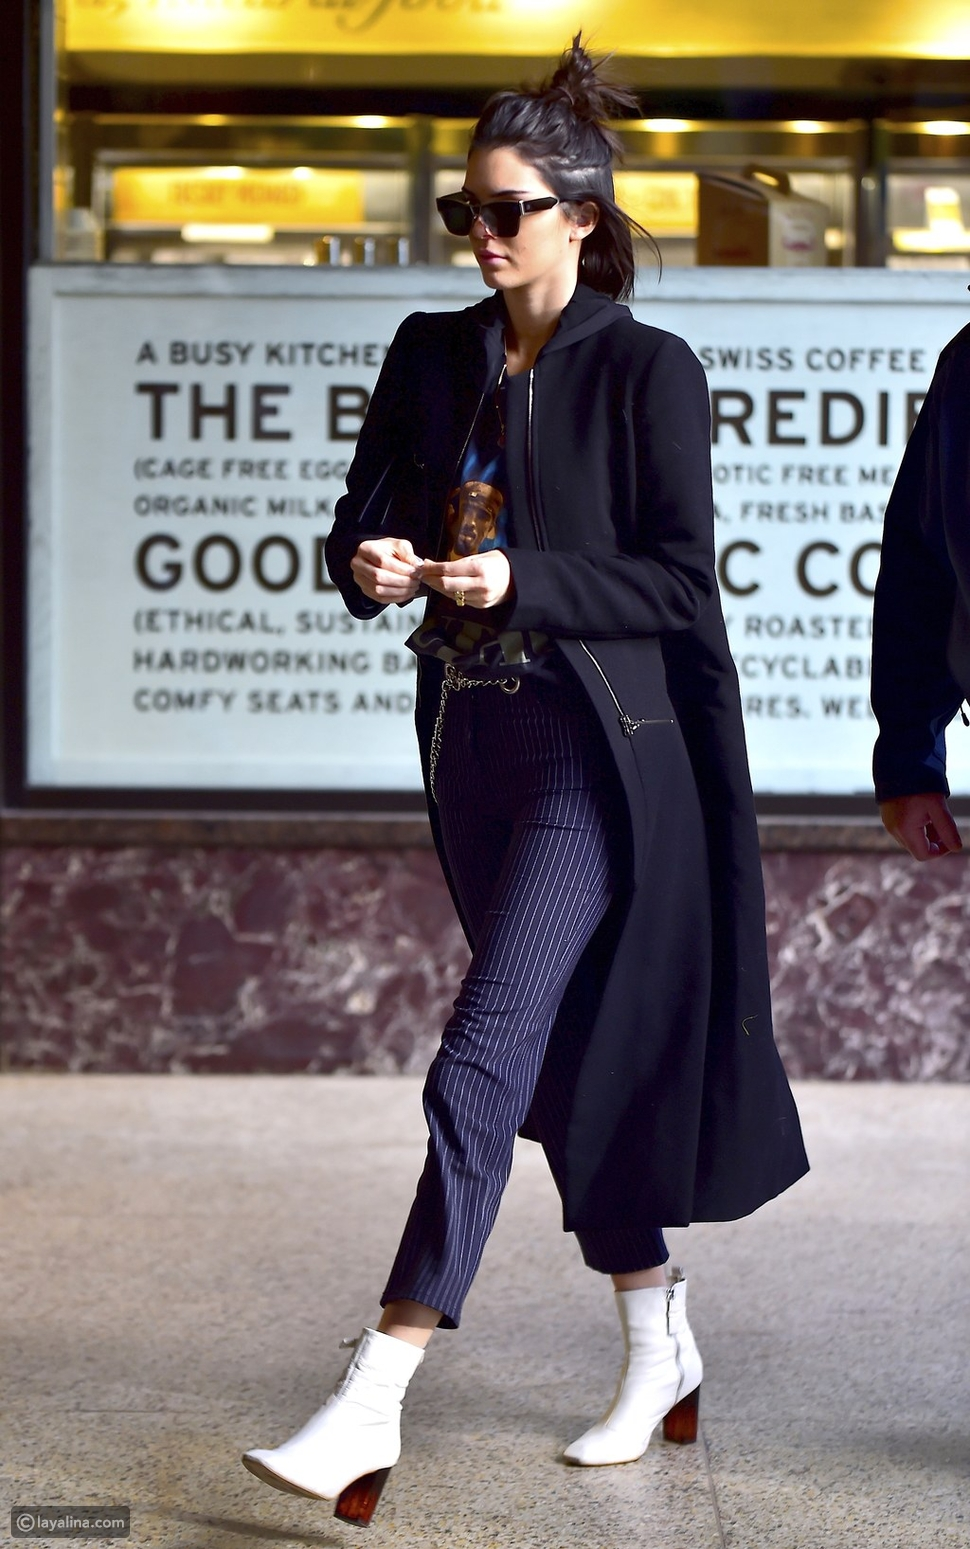 إطلالة داكنة مع هاف بوت أبيض على طريقة عارضة الأزياء كيندال جينر